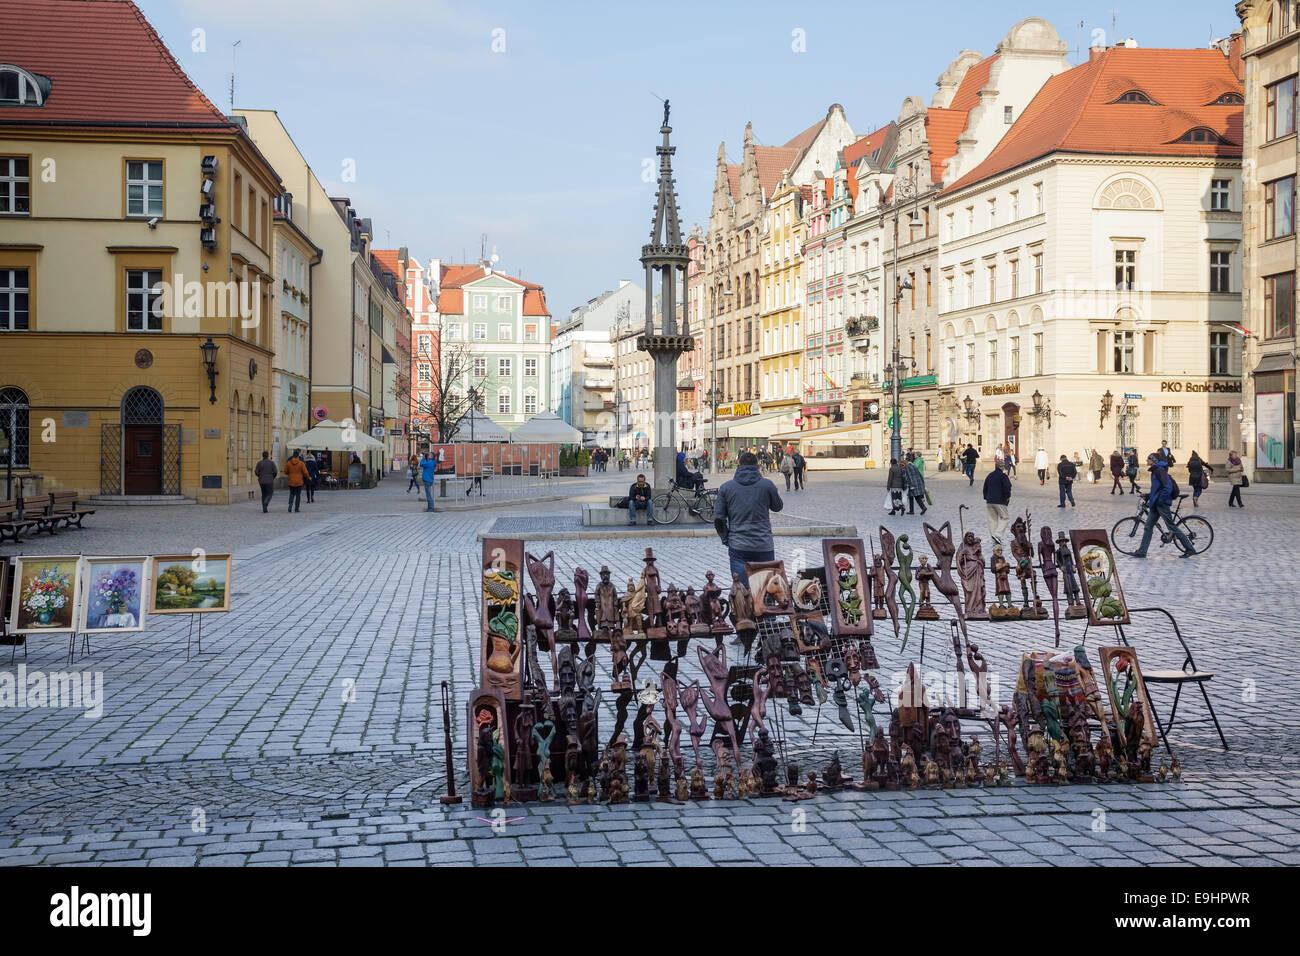 Market Square Rynek we Wrocławiu, Wroclaw, Poland Stock Photo